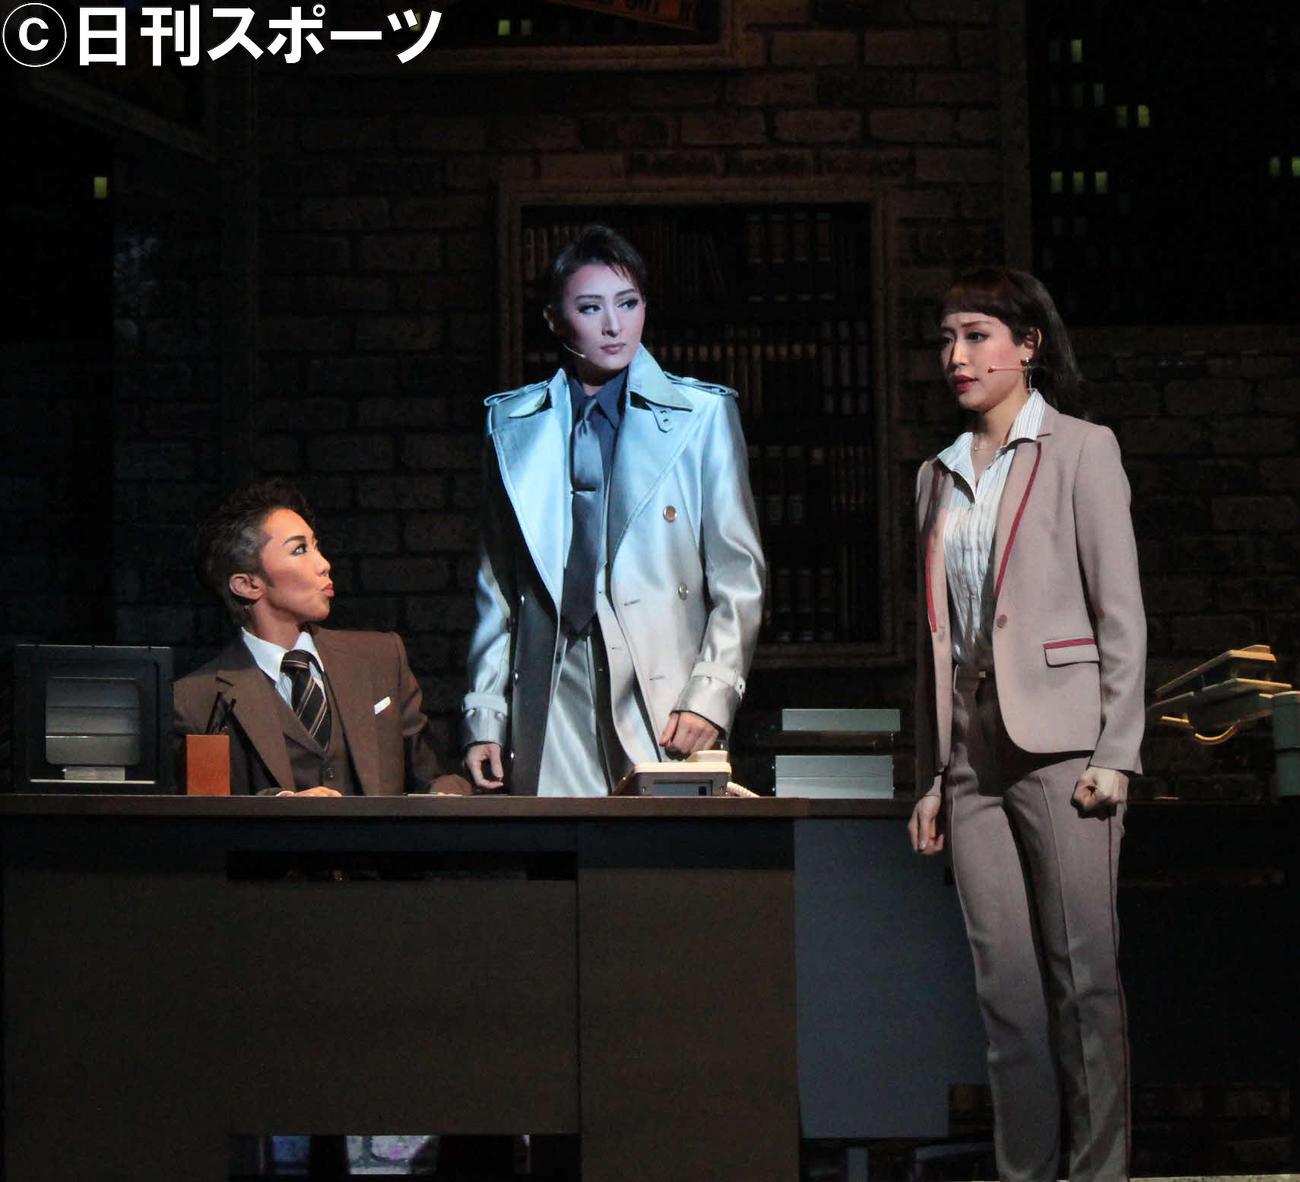 月組トップ珠城りょう(中央)は、プレ退団公演で幽霊になった刑事を熱演(撮影・村上久美子)